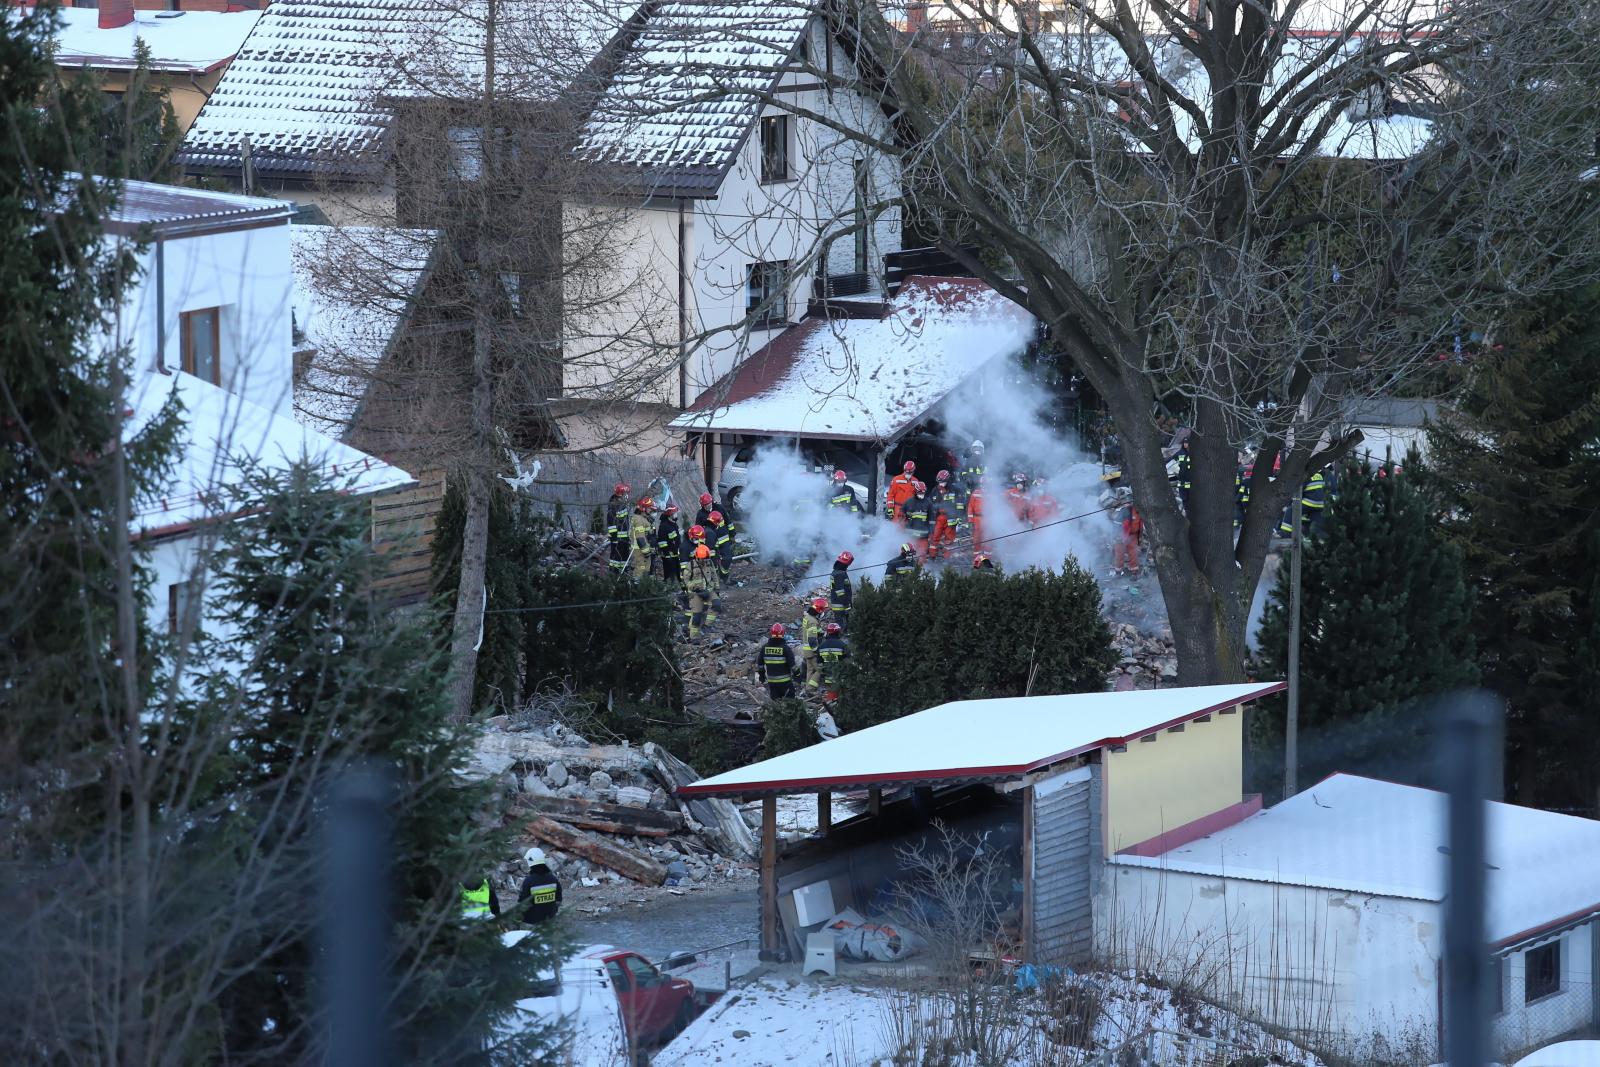 Tragedia w Szczyrku wstrząsnęła mieszkańcami kurortu i turystami